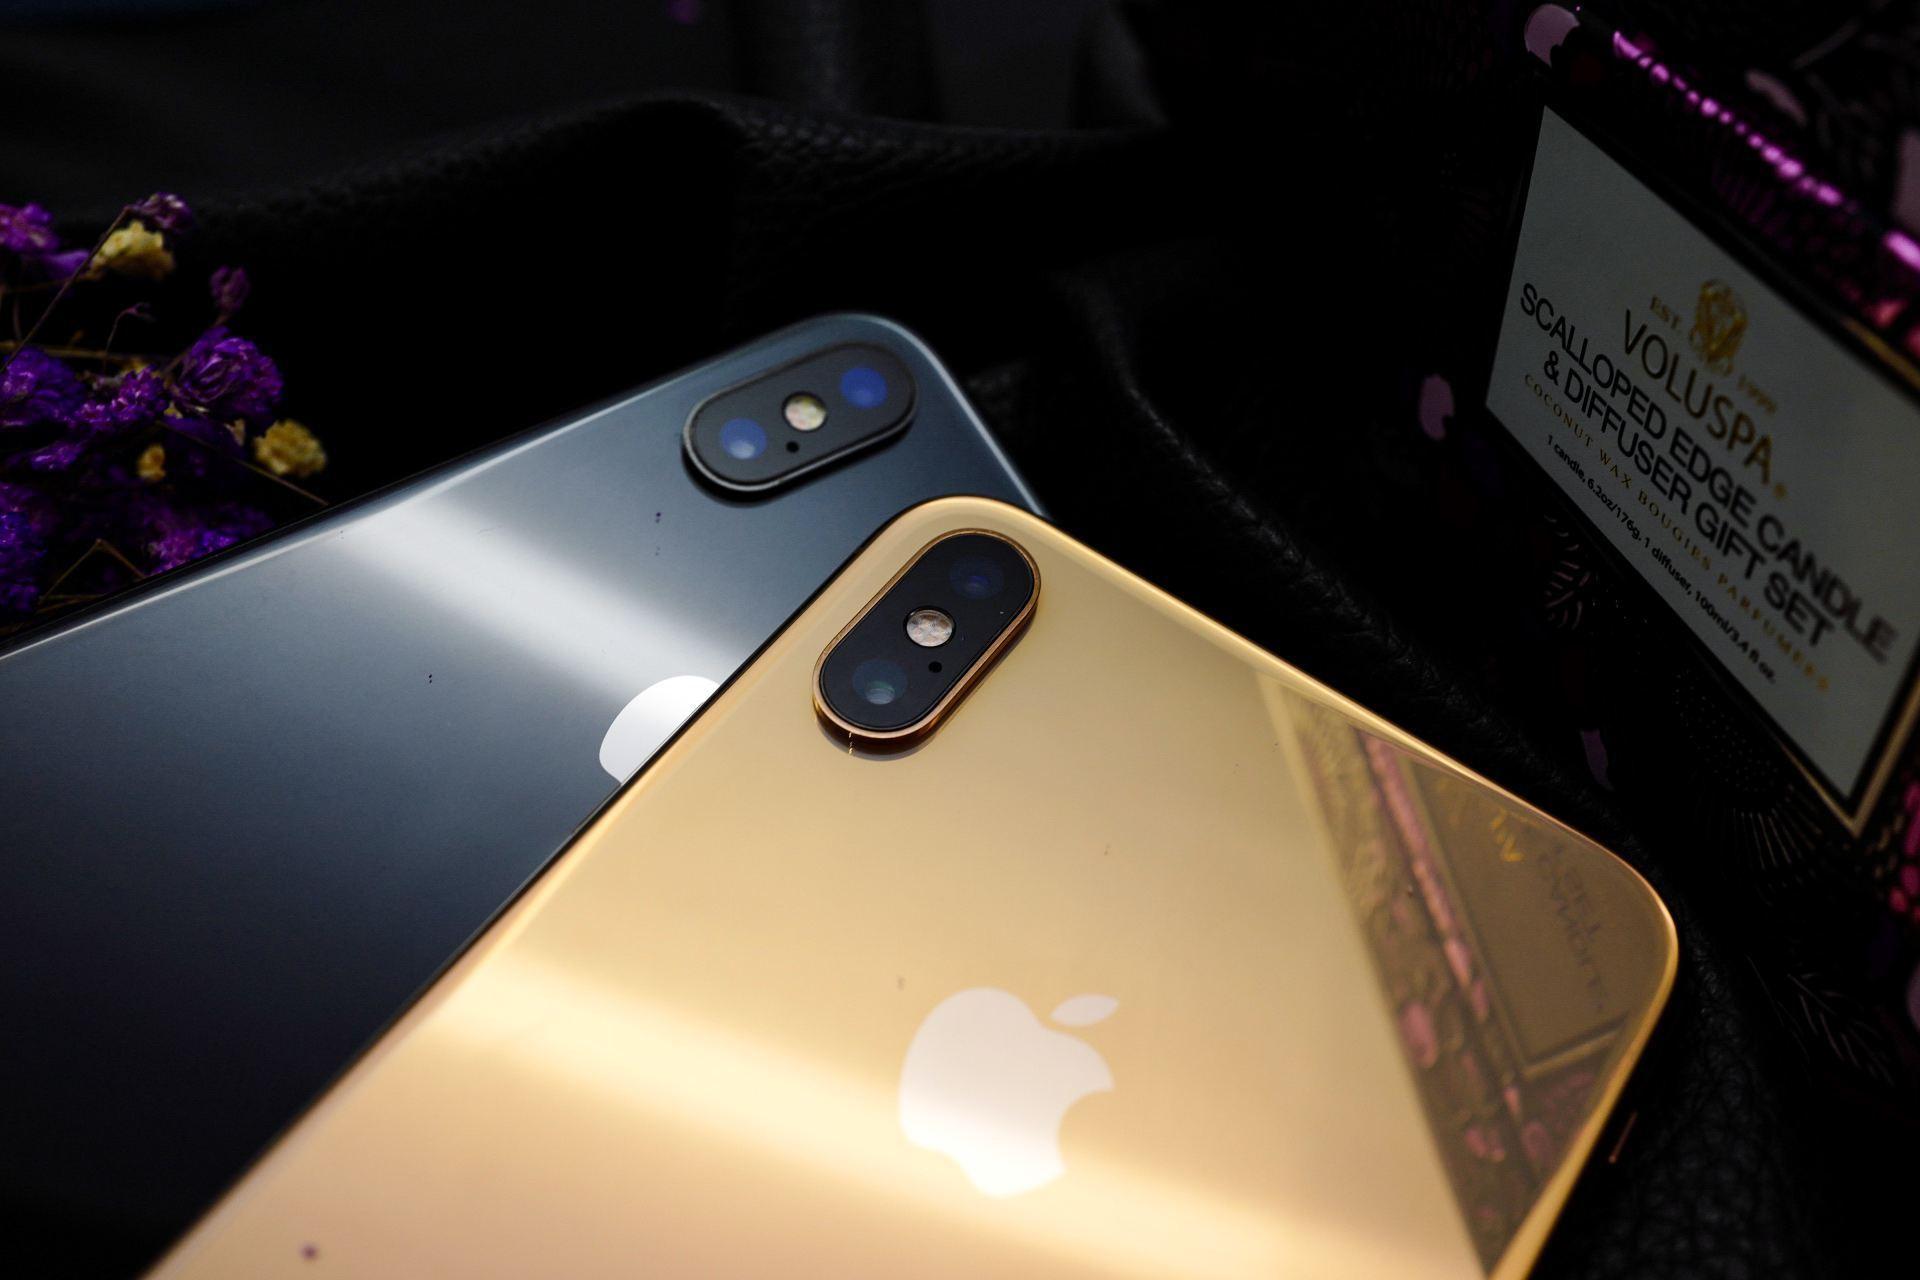 苹果镜头模组供应商(大立光)下调预期收入,汇丰下调苹果评级